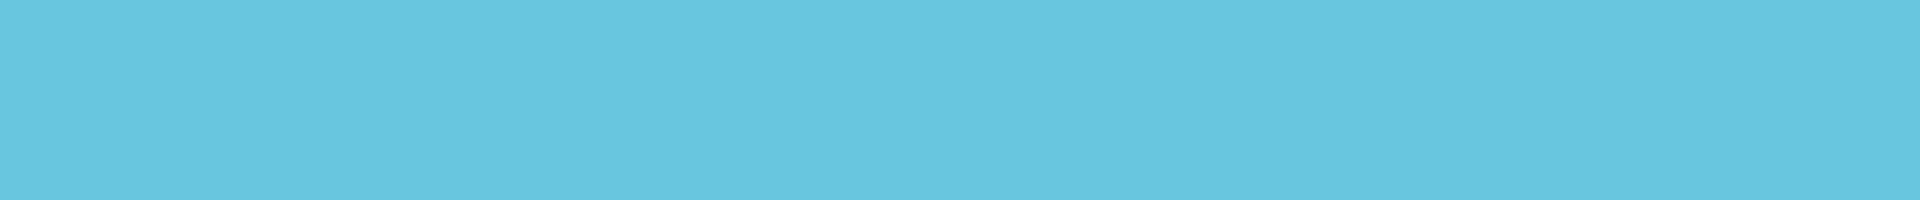 Horaires-Acces-infospratiques-aquamotion-courchevel